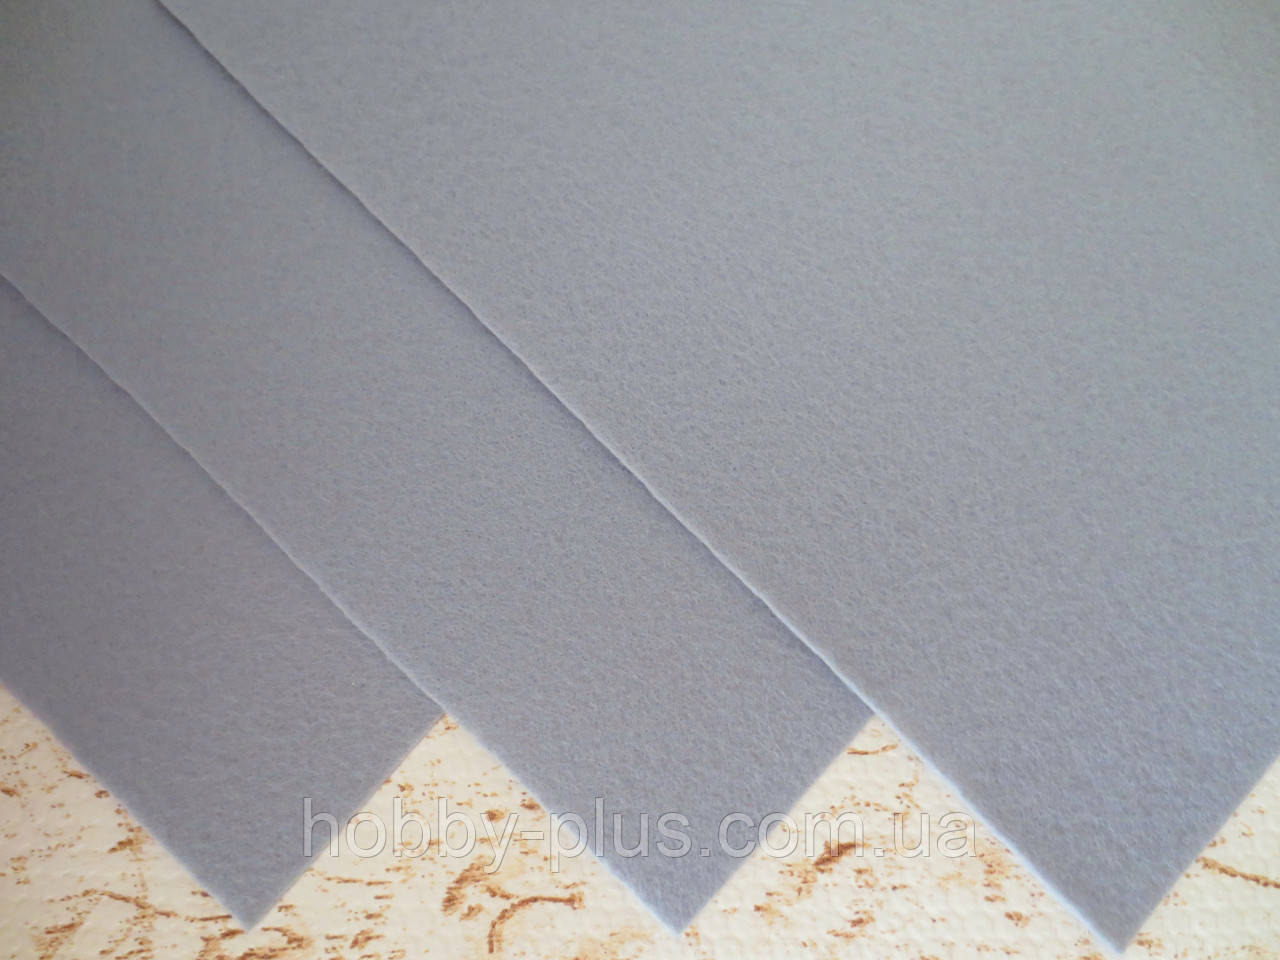 Фетр корейский жесткий 1.2 мм, 20x30 см, СЕРЫЙ